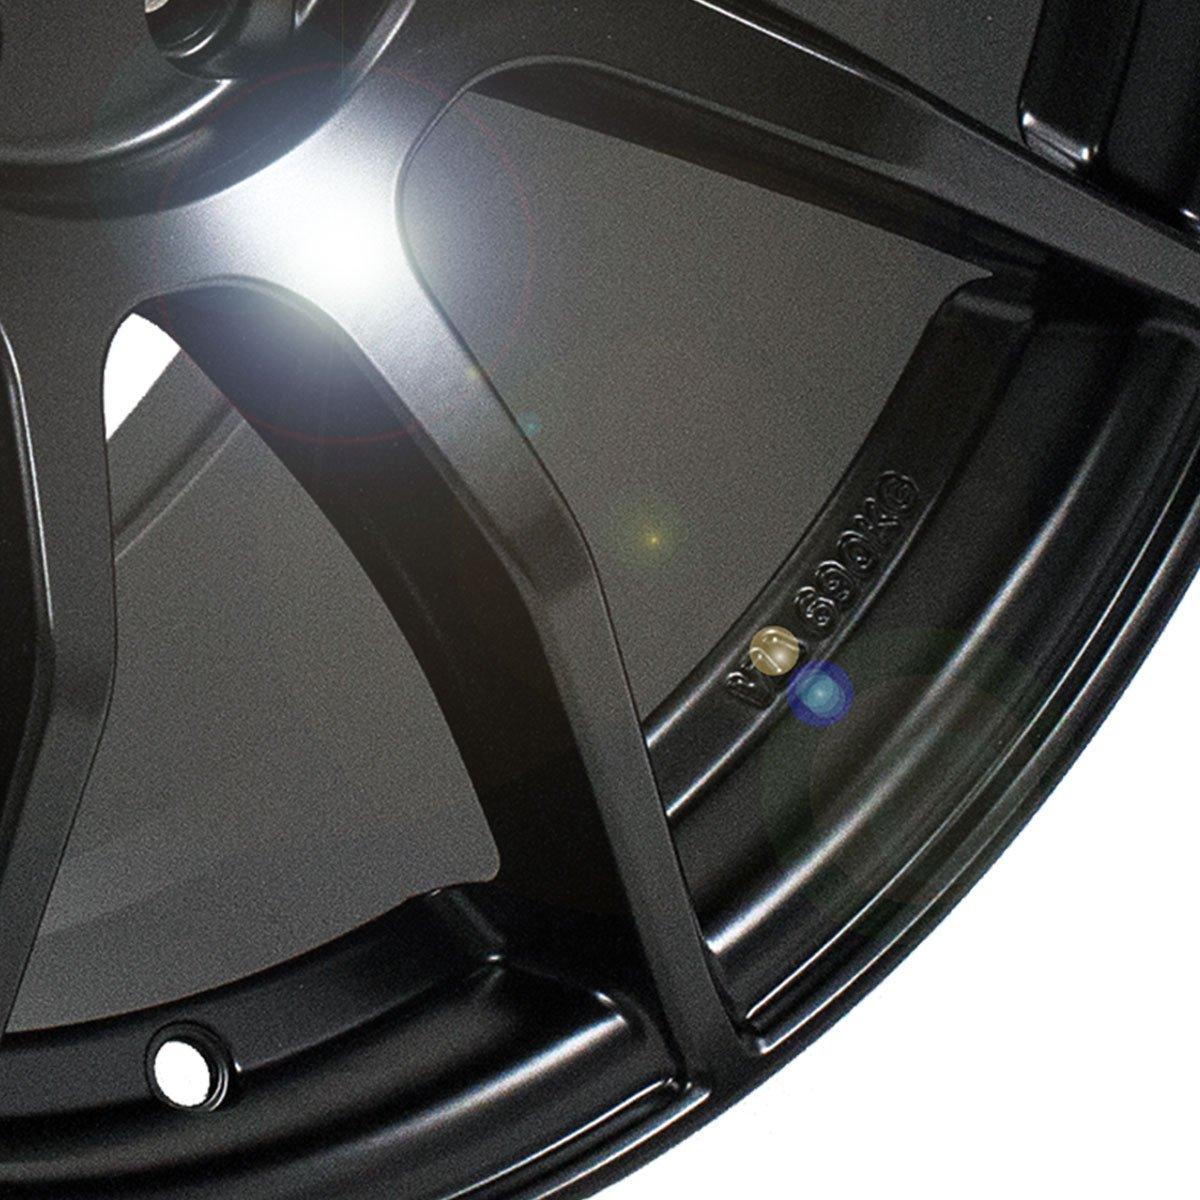 Amazon.com: 18x8.5 Enkei TS9 (Matte Black) Wheels/Rims 5x114.3 (492-885-6535BK): Automotive